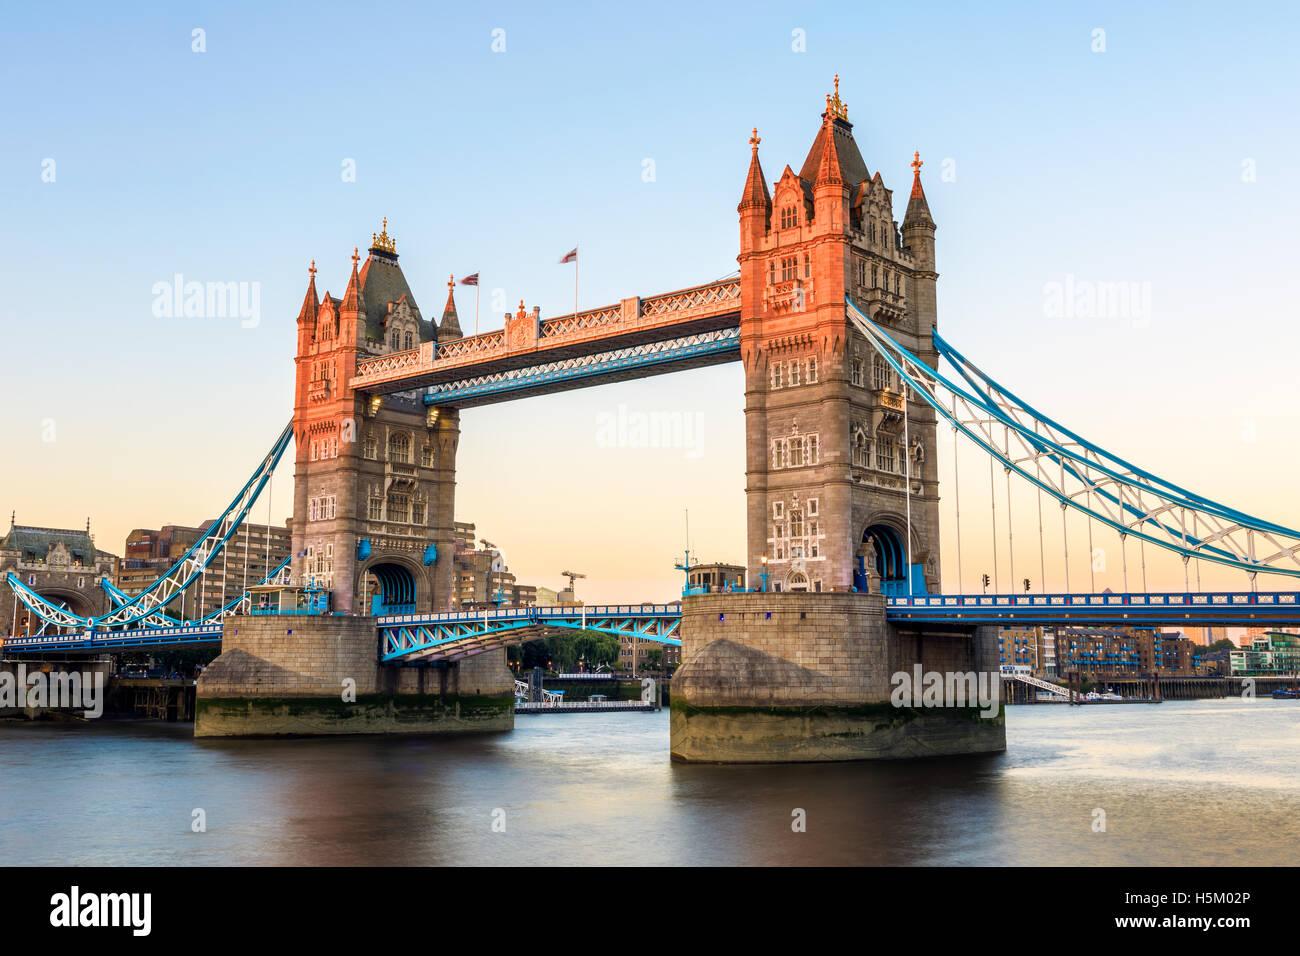 Il Tower Bridge di Londra al tramonto, colata di una luce arancione sulla parte del bridge Immagini Stock